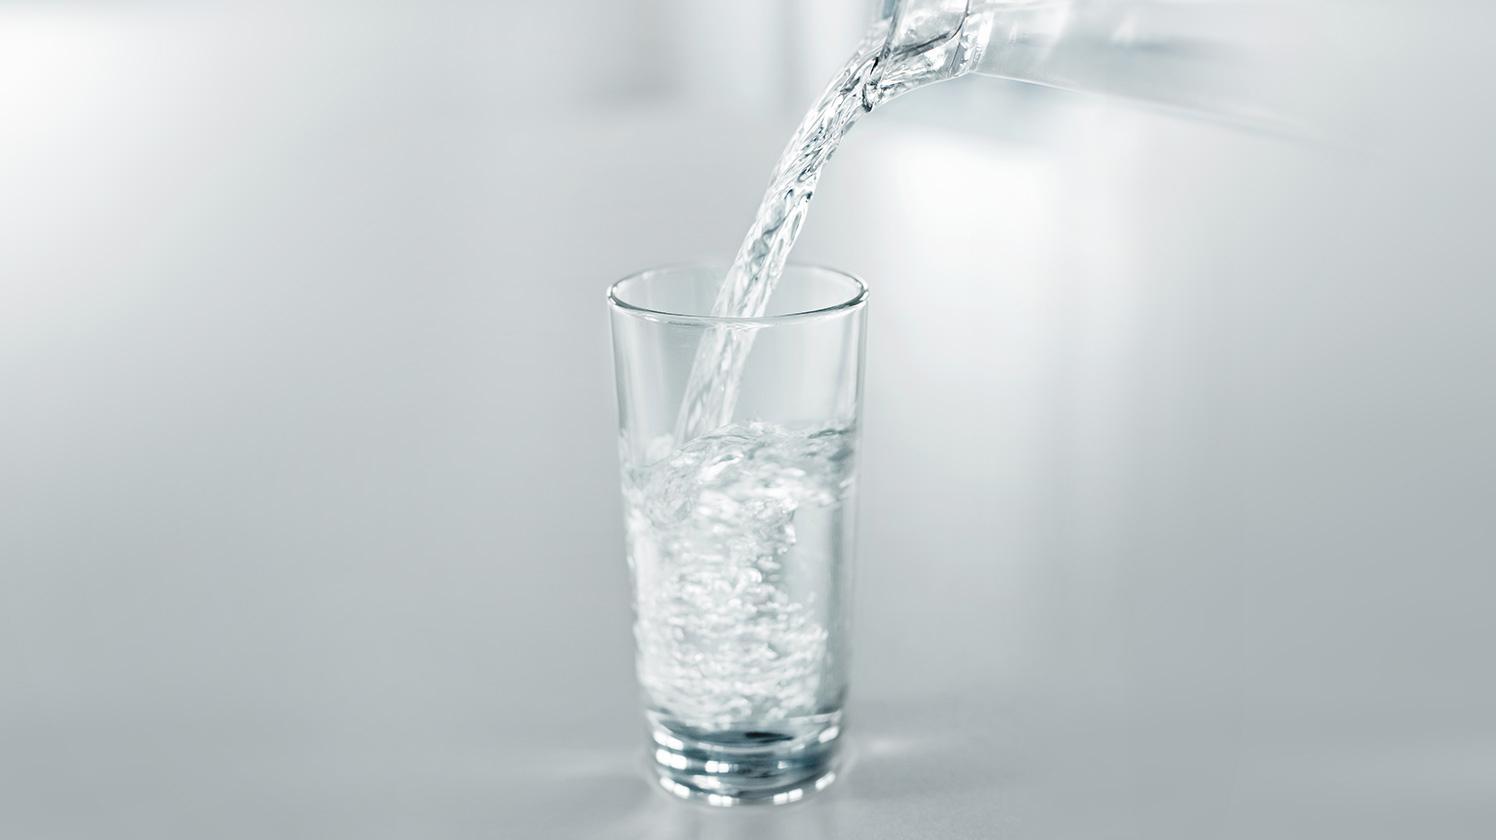 BRITA hidratación personal llenando vaso de agua